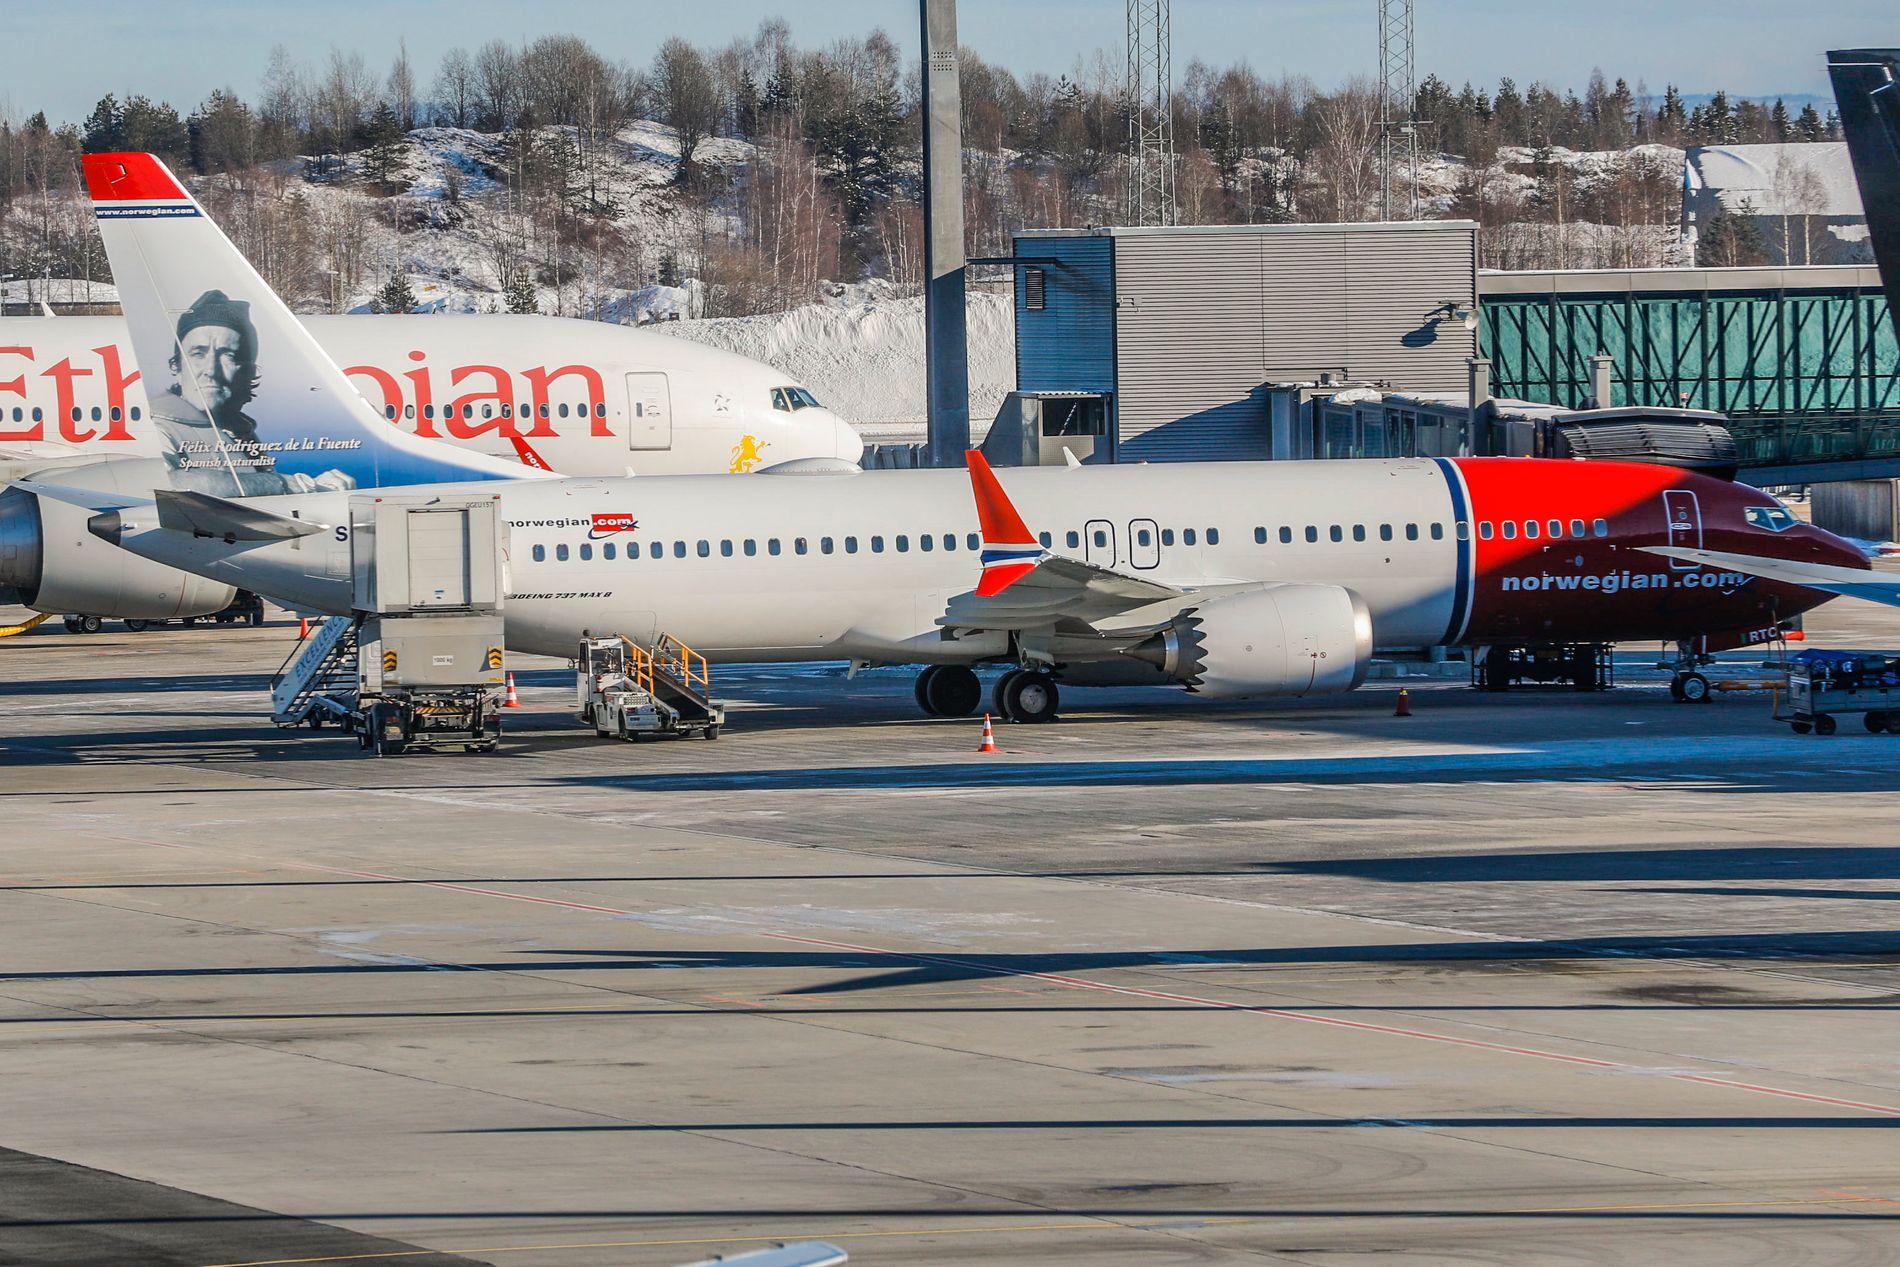 PÅ BAKKEN: Norwegian har satt alle sine 18 Boeing 737 MAX 8-fly på bakken inntil videre. Totalt har selskapet bestilt 110 slike fly.